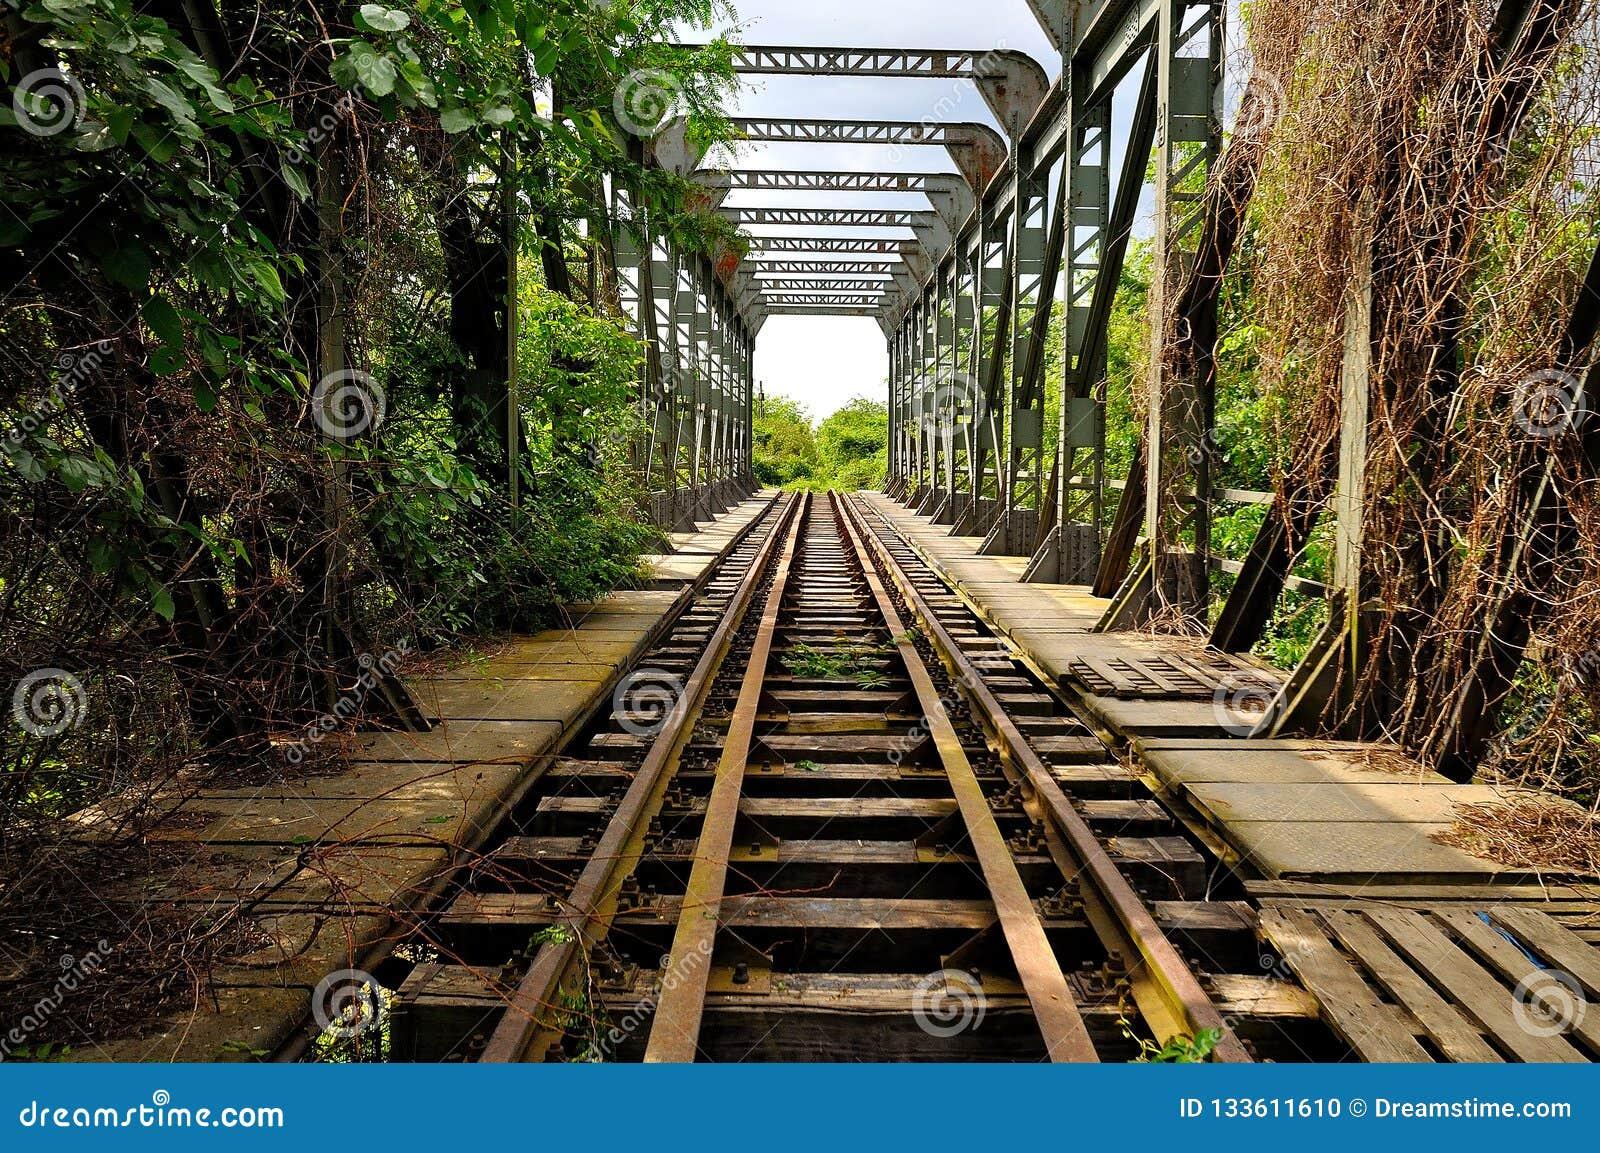 第一条铁路在罗马尼亚布加勒斯特久尔久